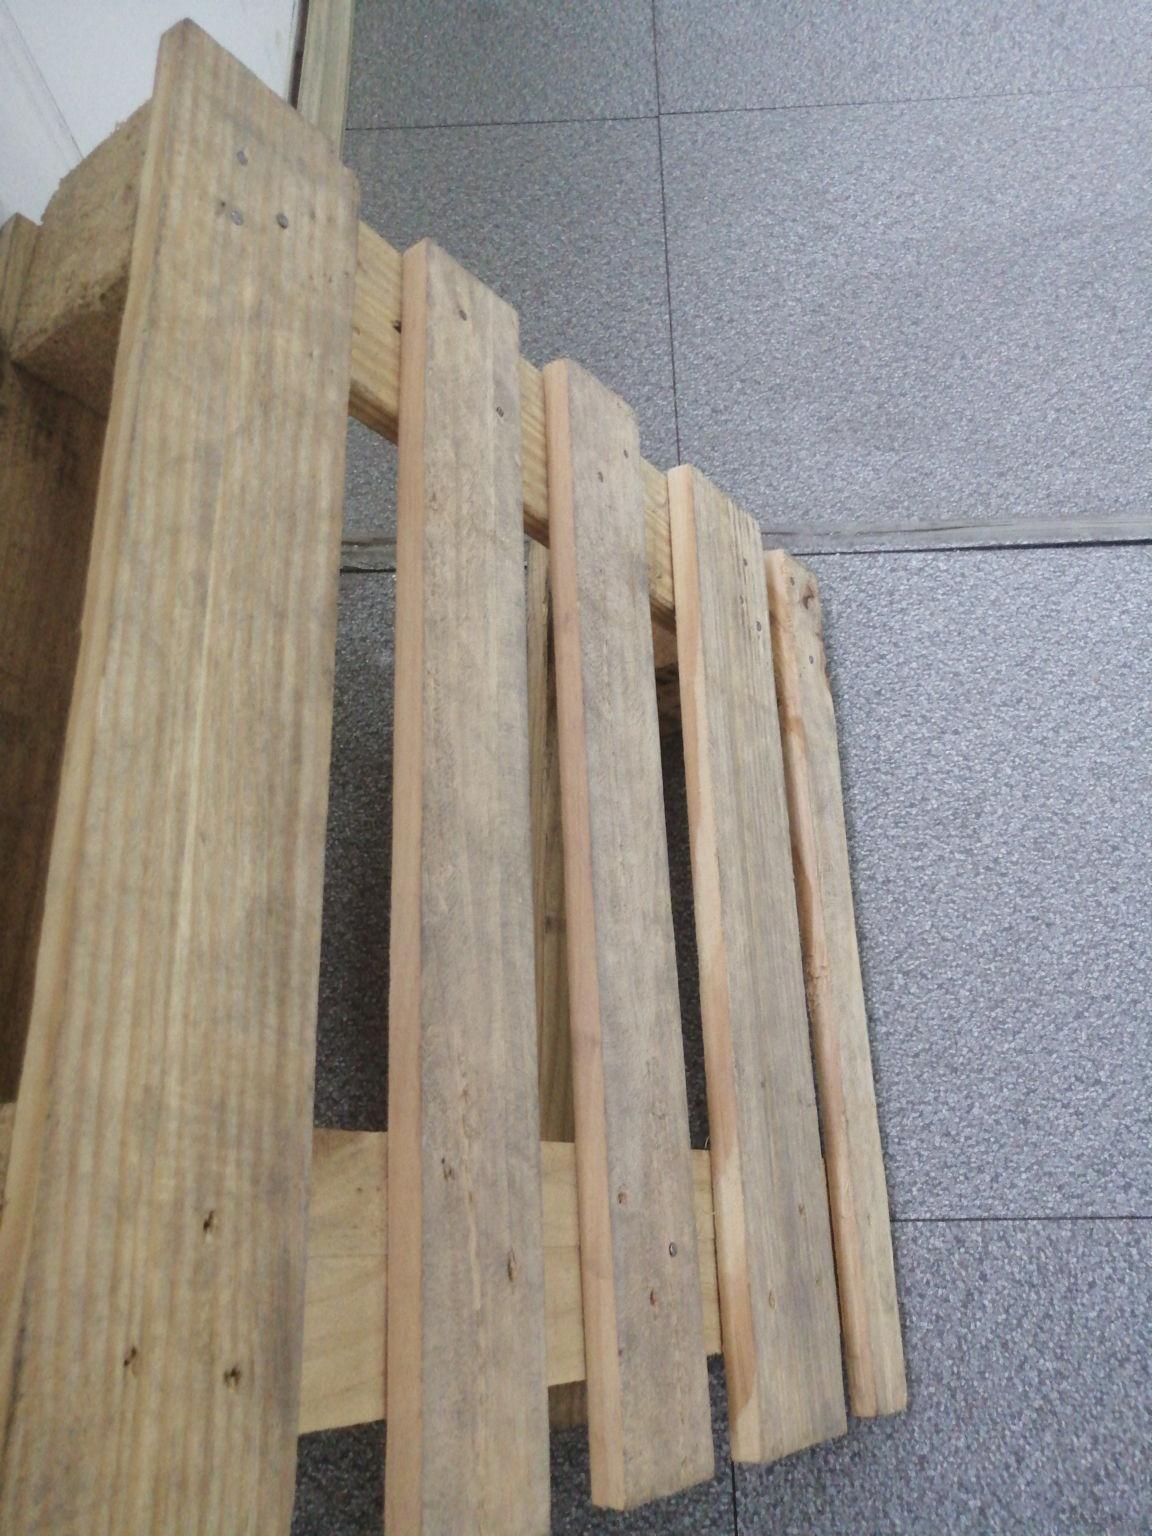 晋州建筑胶合板供应 - 专业加工/定制服务